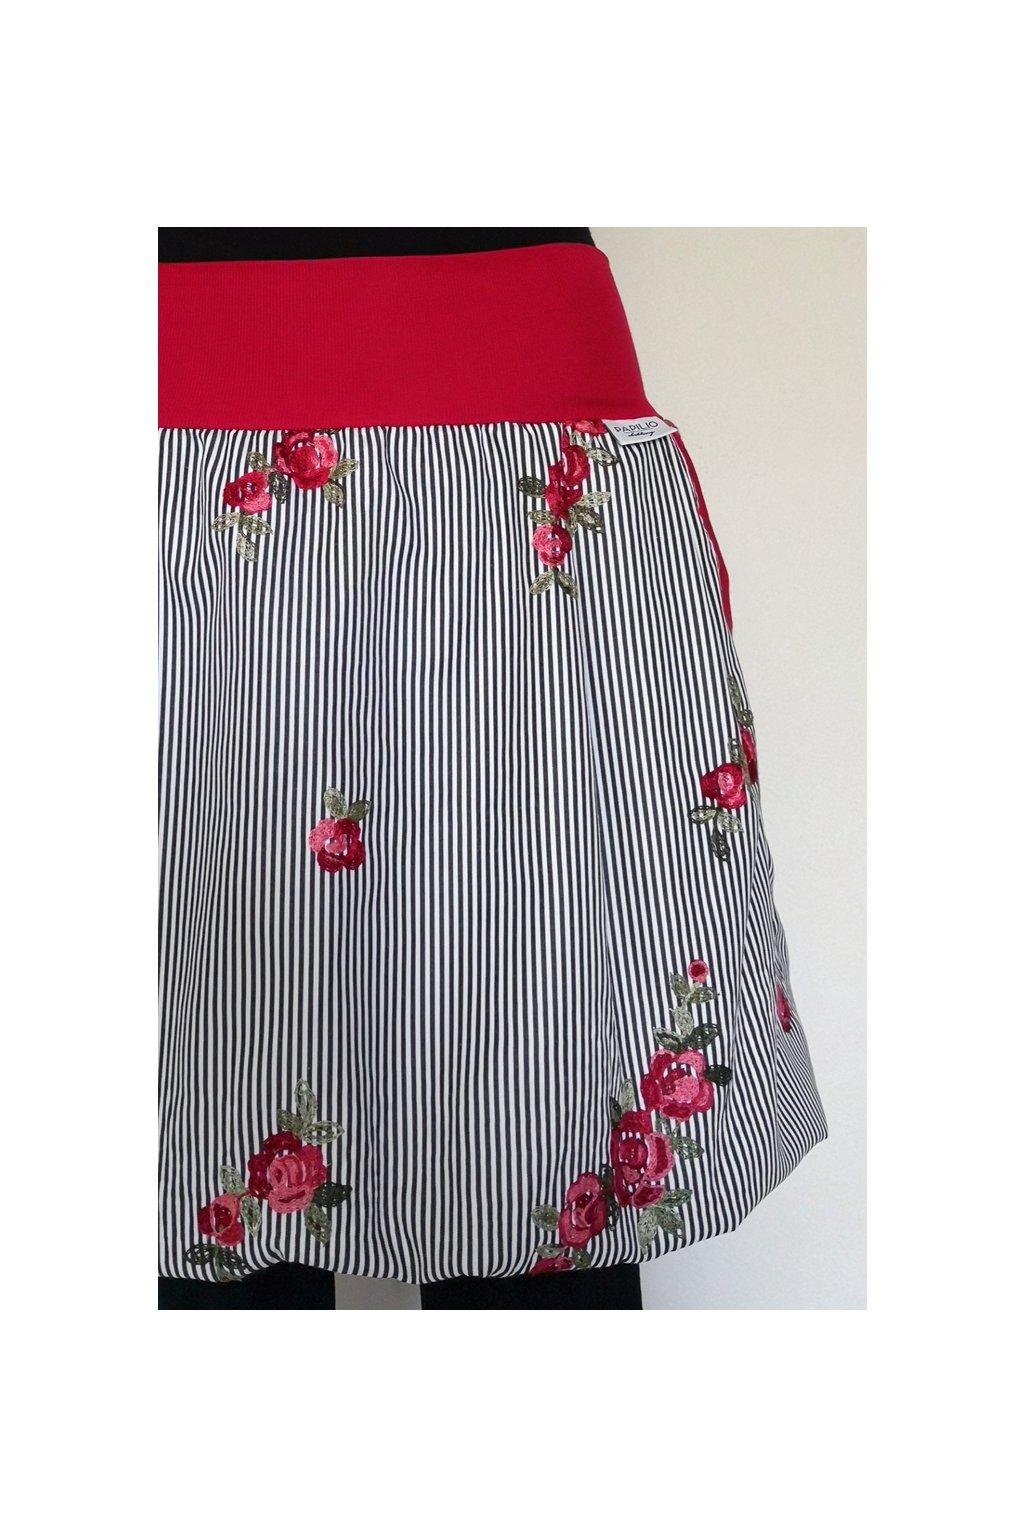 Balonová sukně Růžičky na proužku   popelín